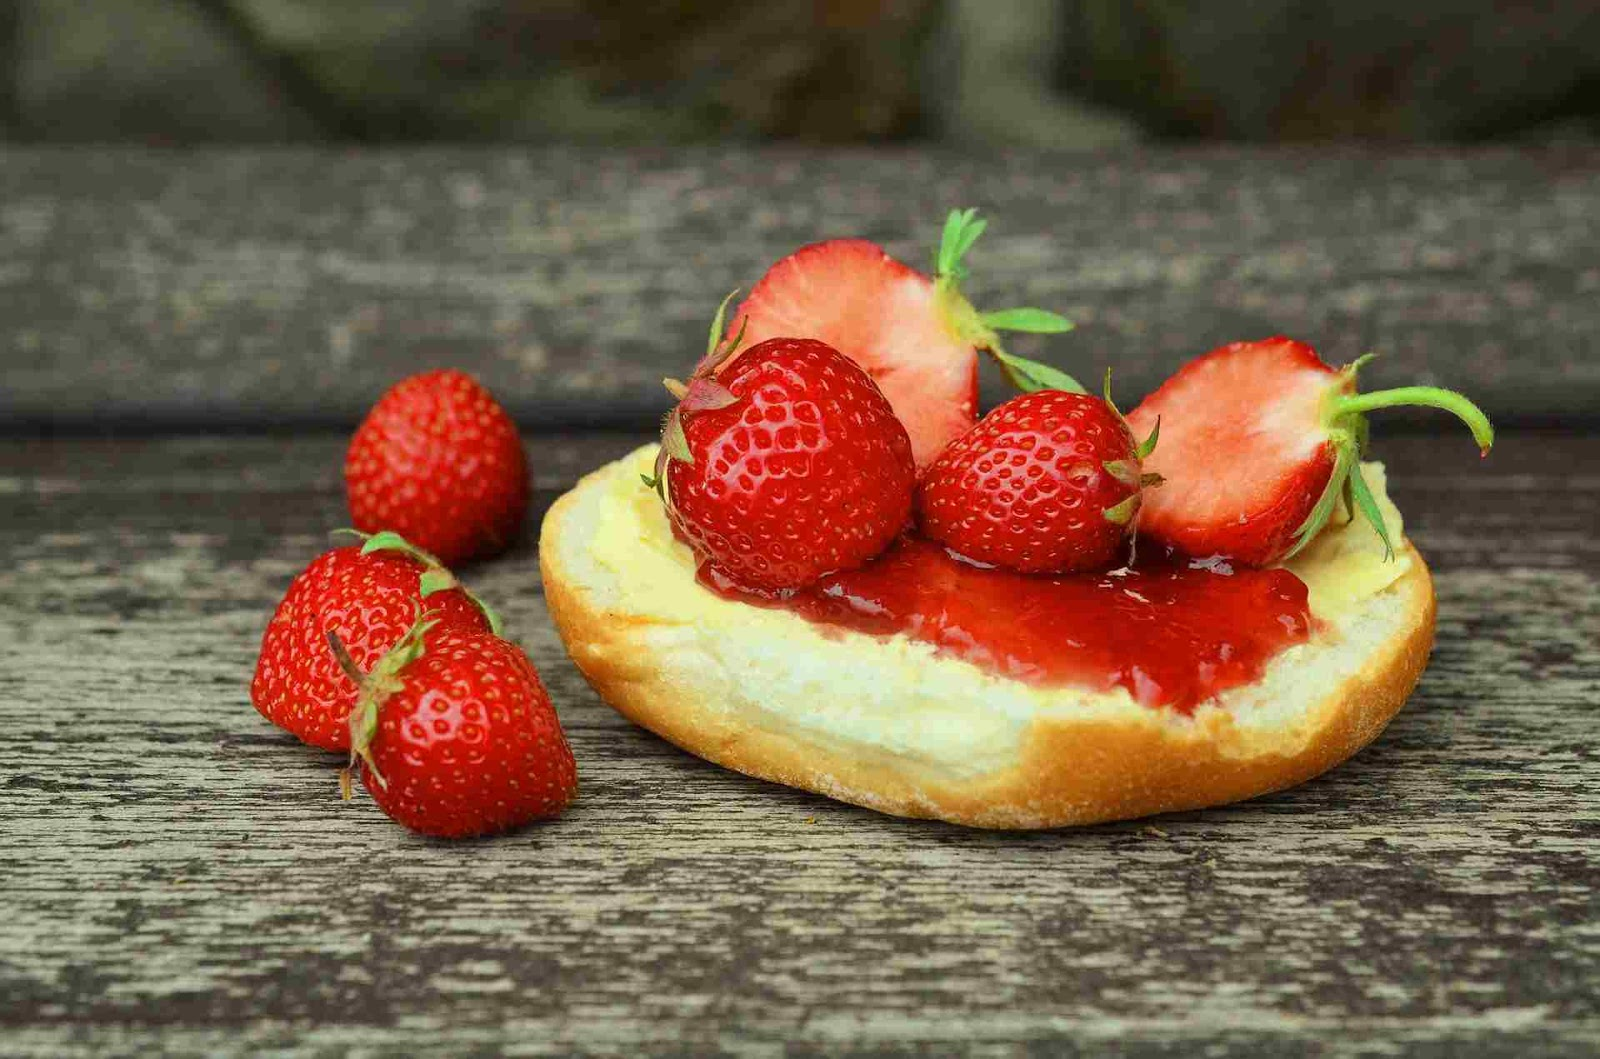 Baguio City pasalubong strawberry jam